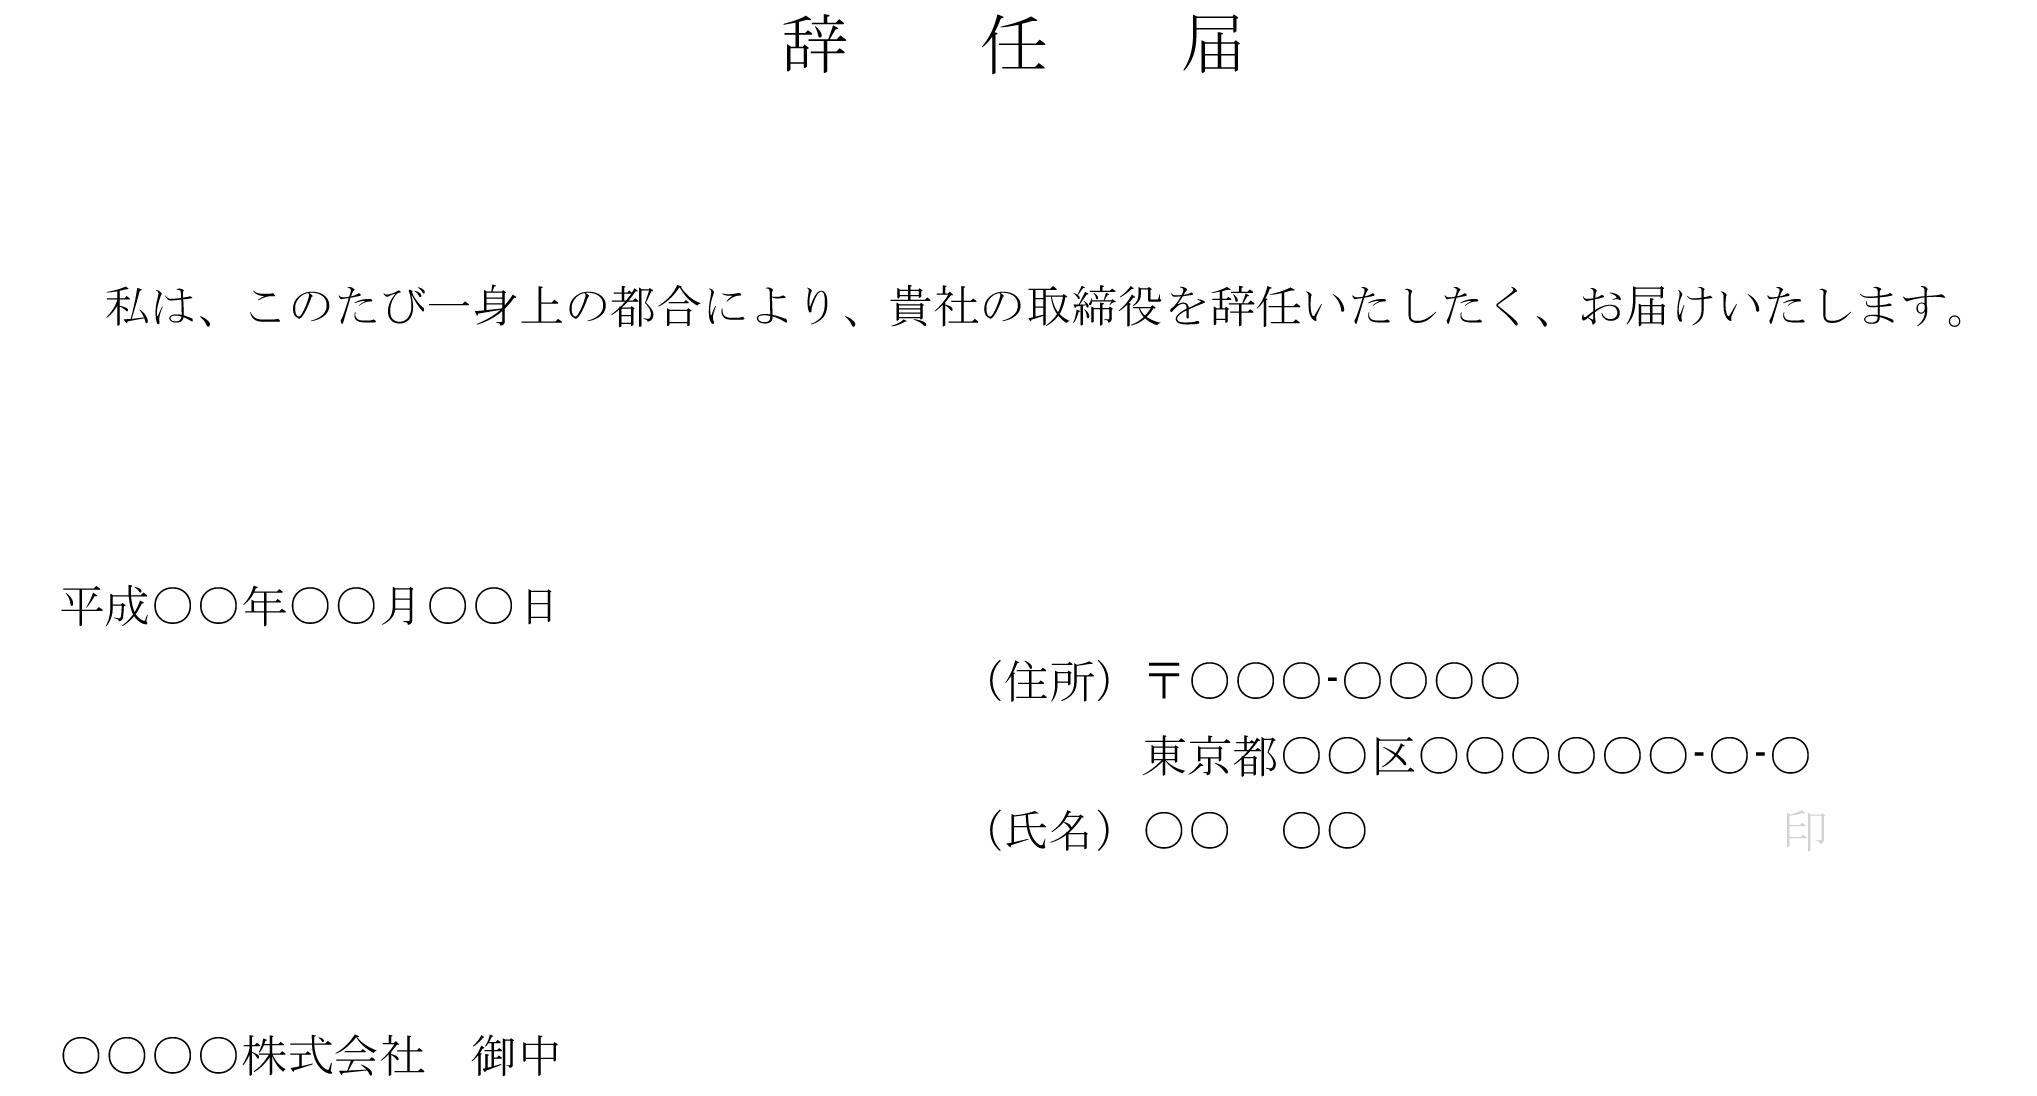 辞任届(取締役)04